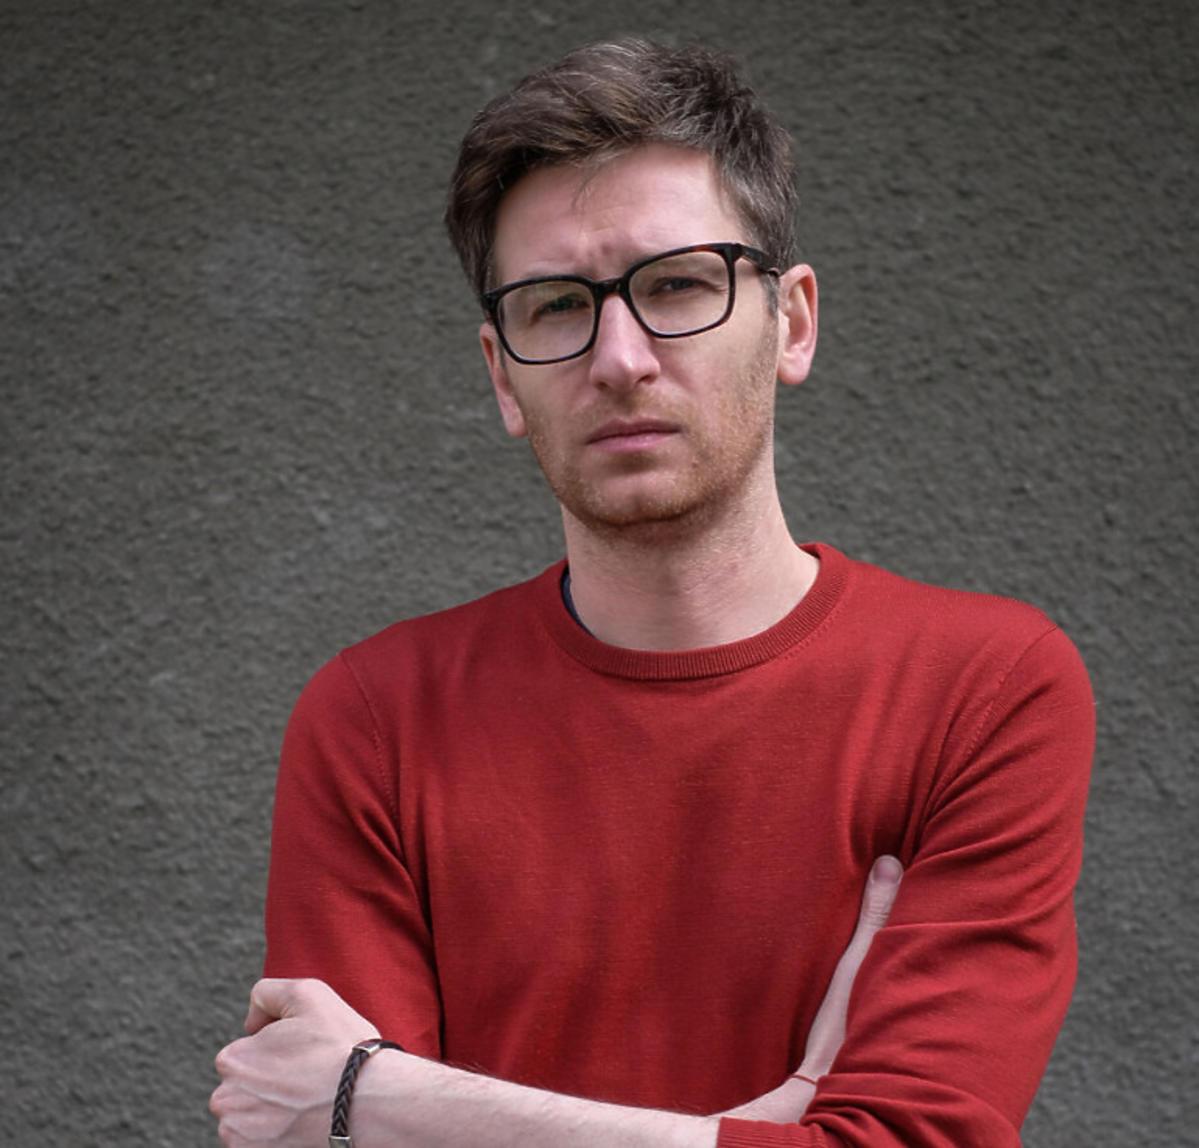 Jarosław Tumidajski w czerwonym swetrze